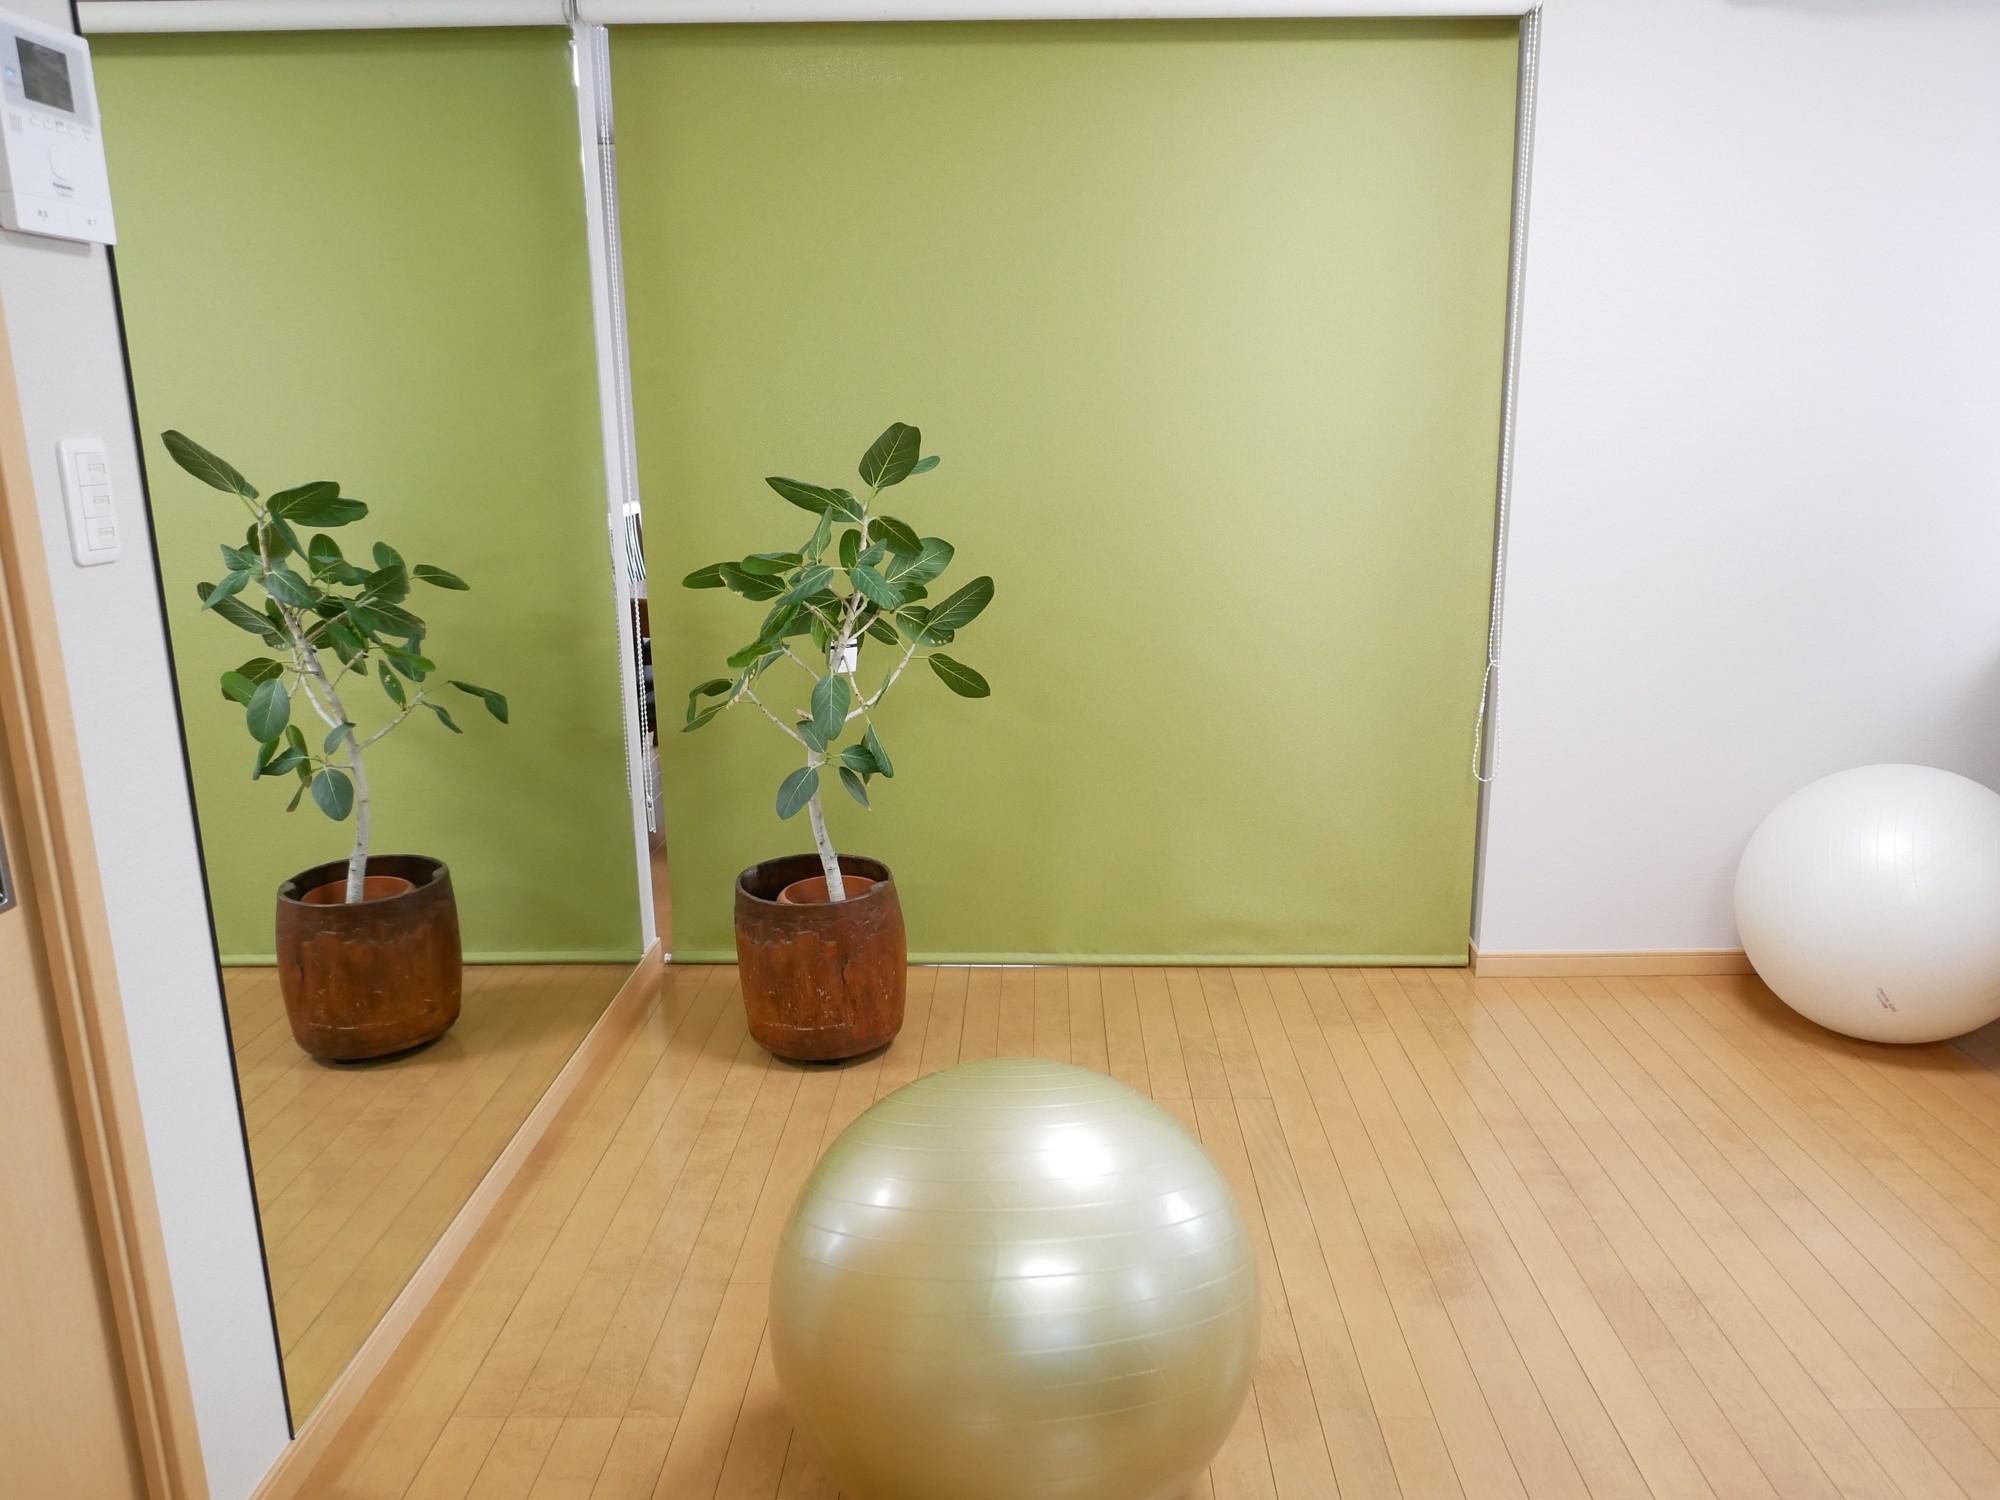 リビングダイニング事例:大きな鏡を入れました(大きな鏡が2面、ヨガスタジオリフォーム)